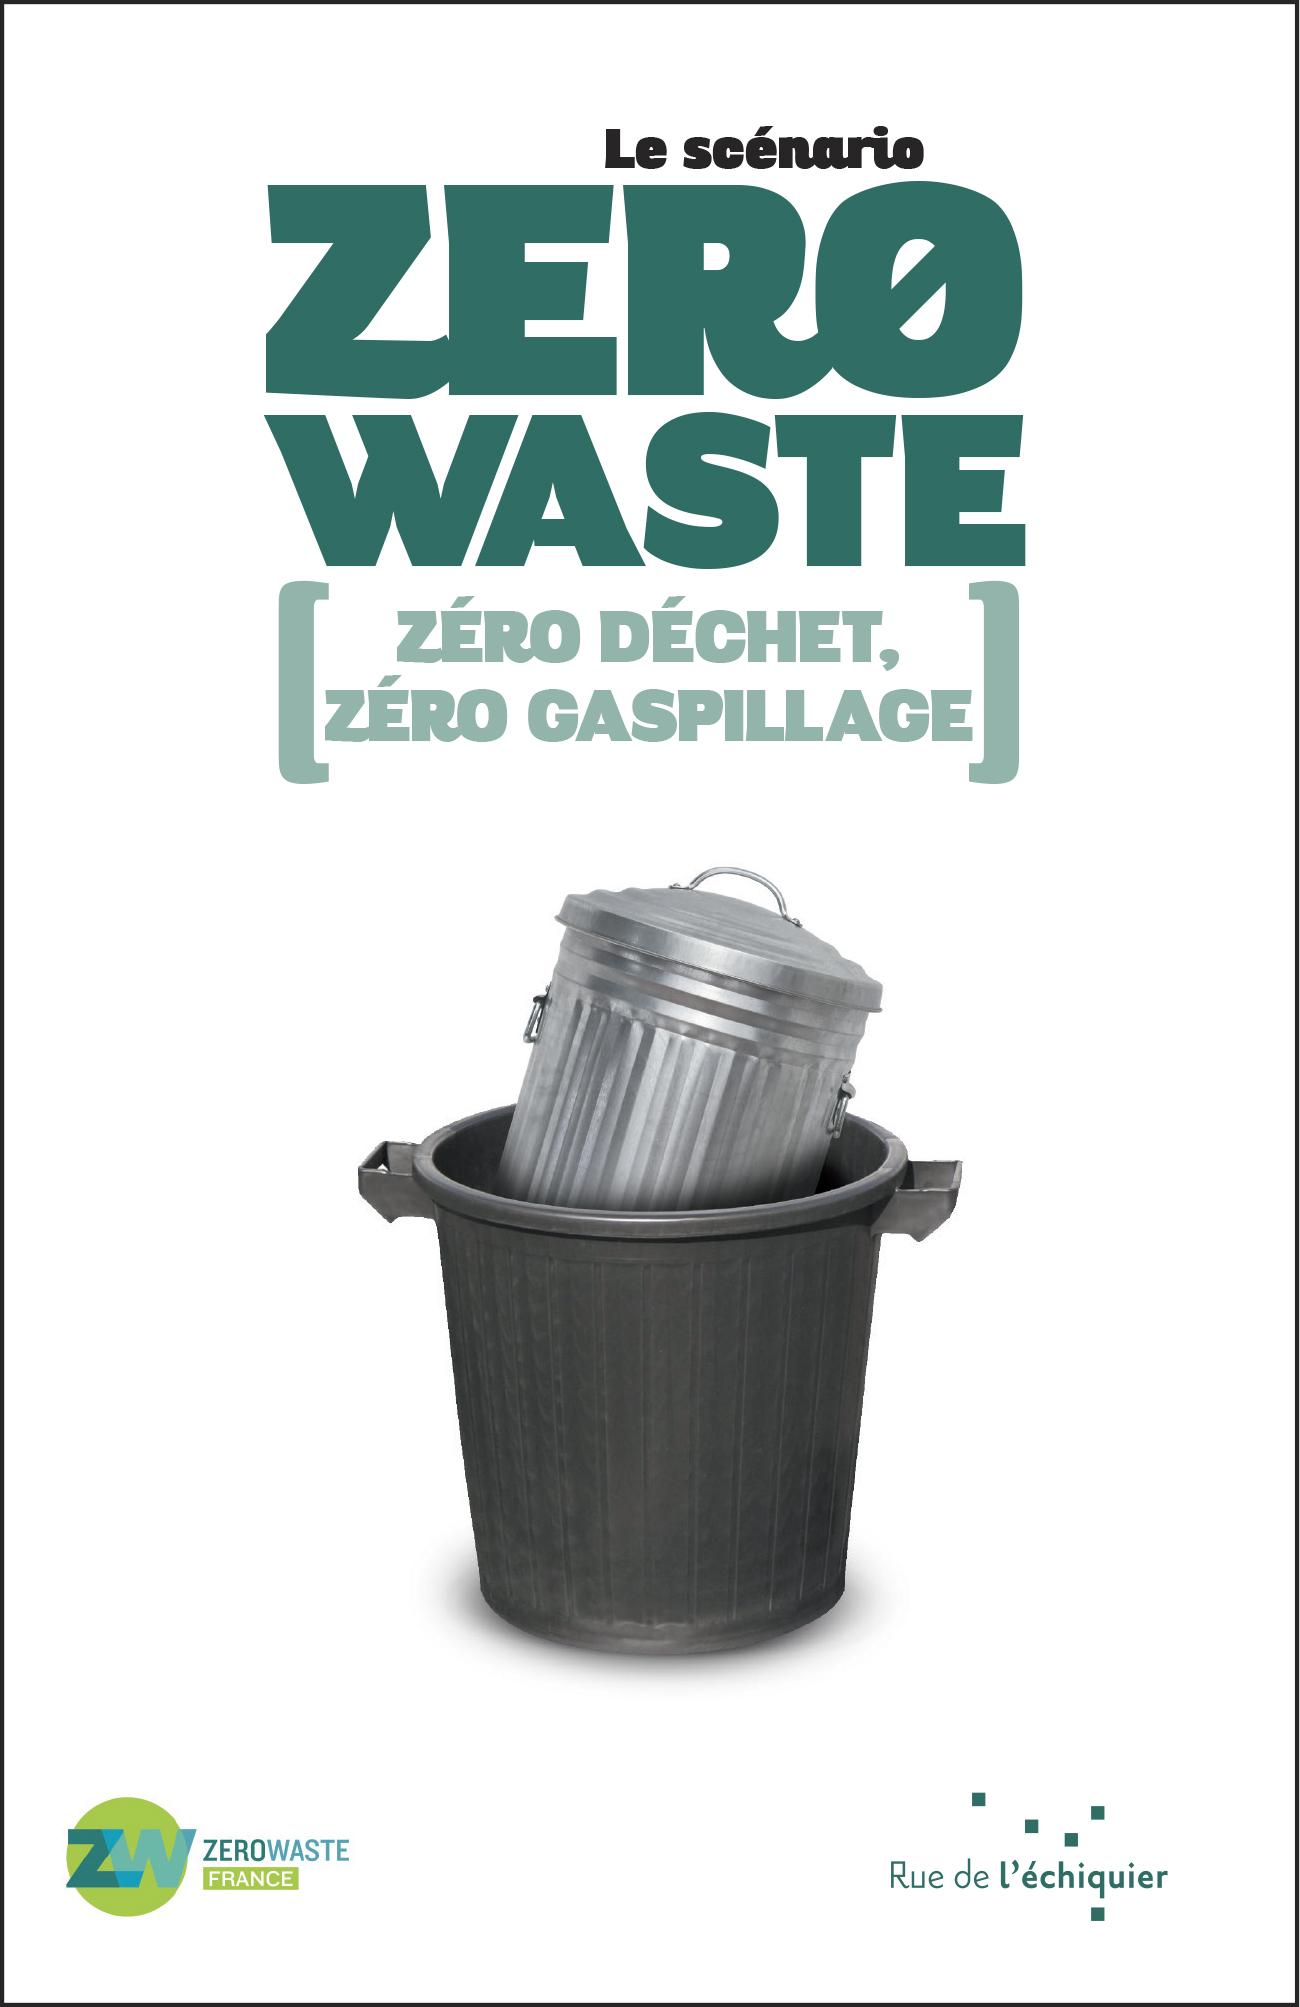 Le Scenario Zéro Waste Zero Waste France